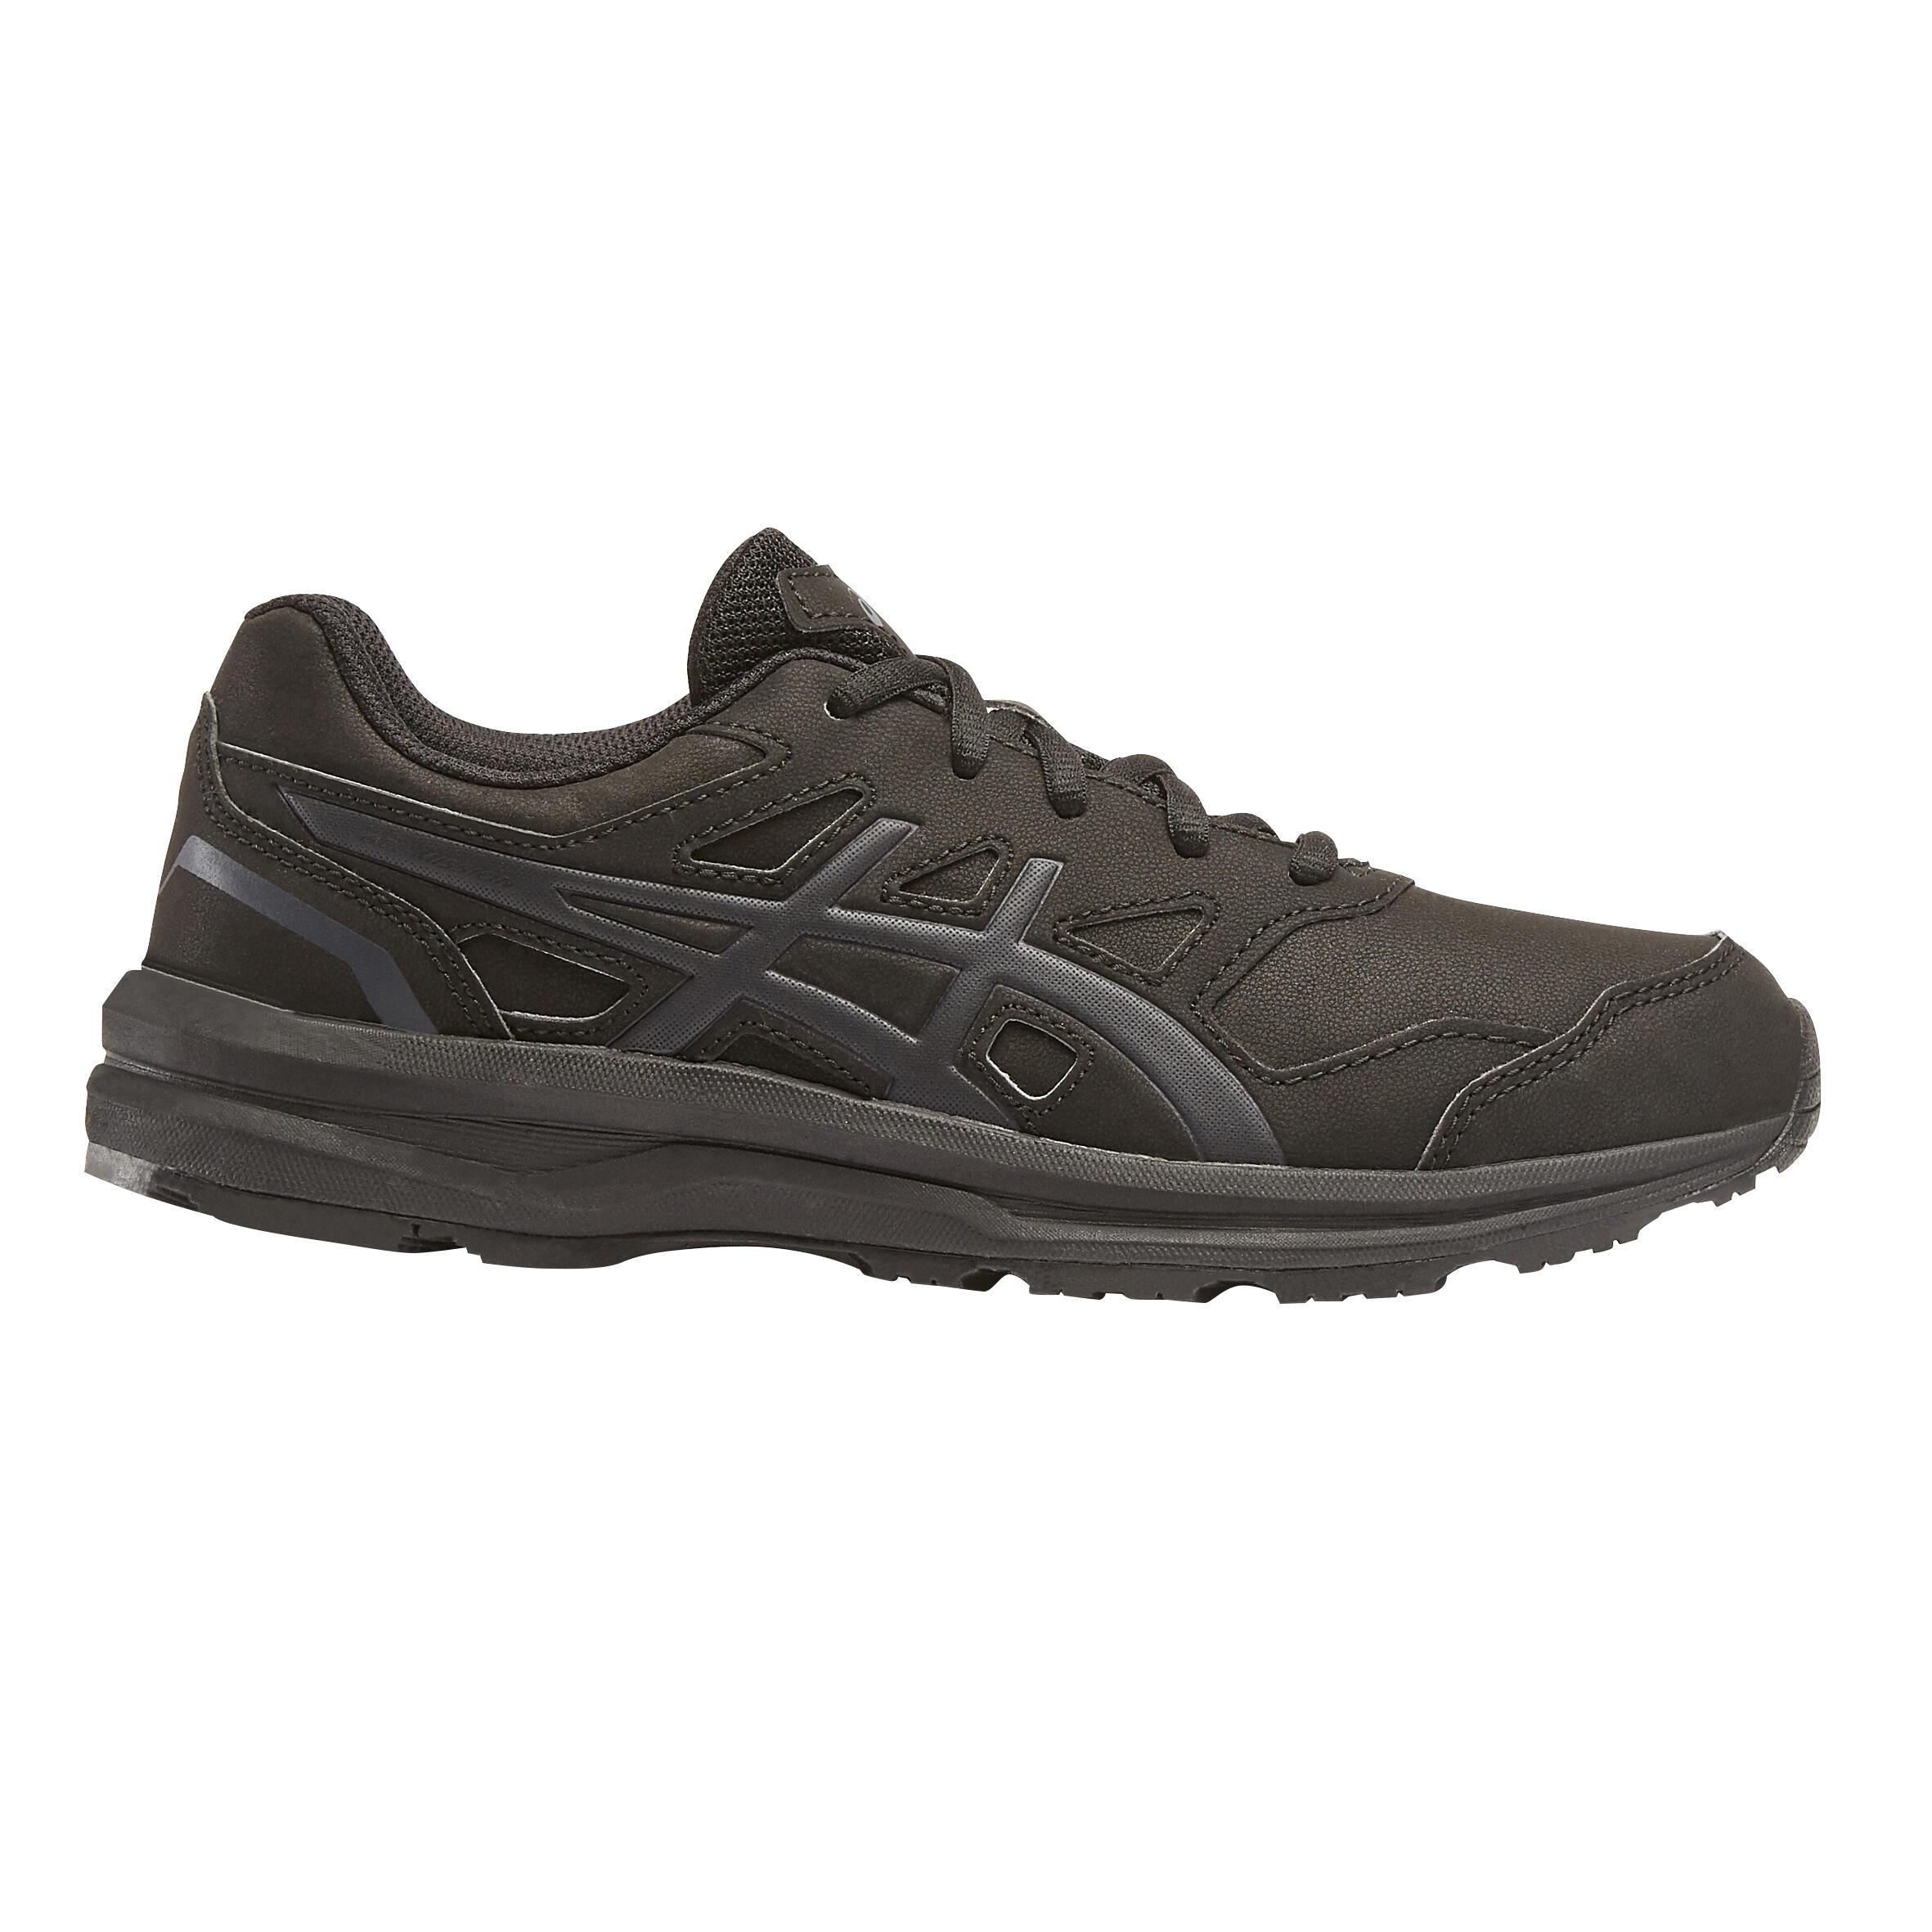 Chaussures marche sportive femme Asics Gel Mission noir